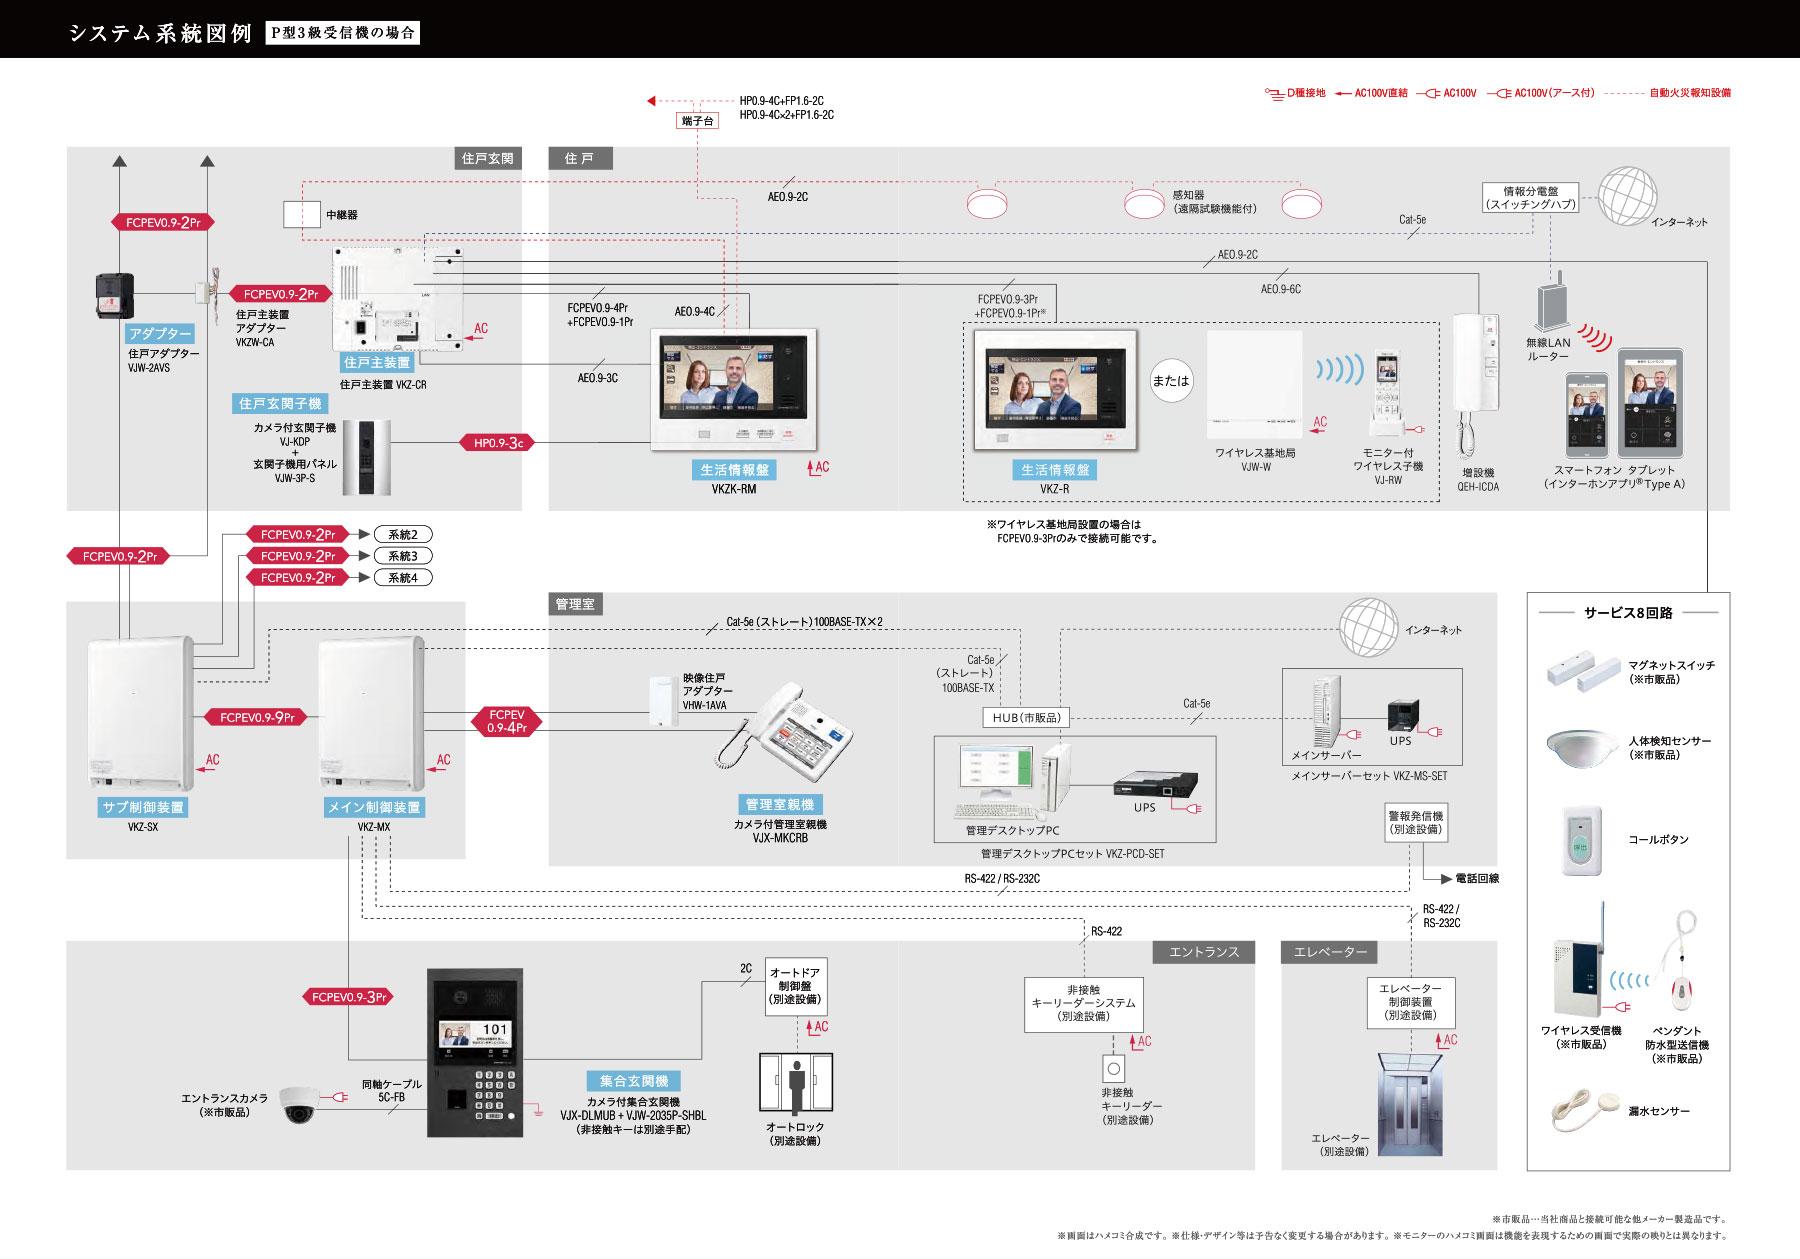 アイホン株式会社 - VIXUS ADVANCE システム系統図より